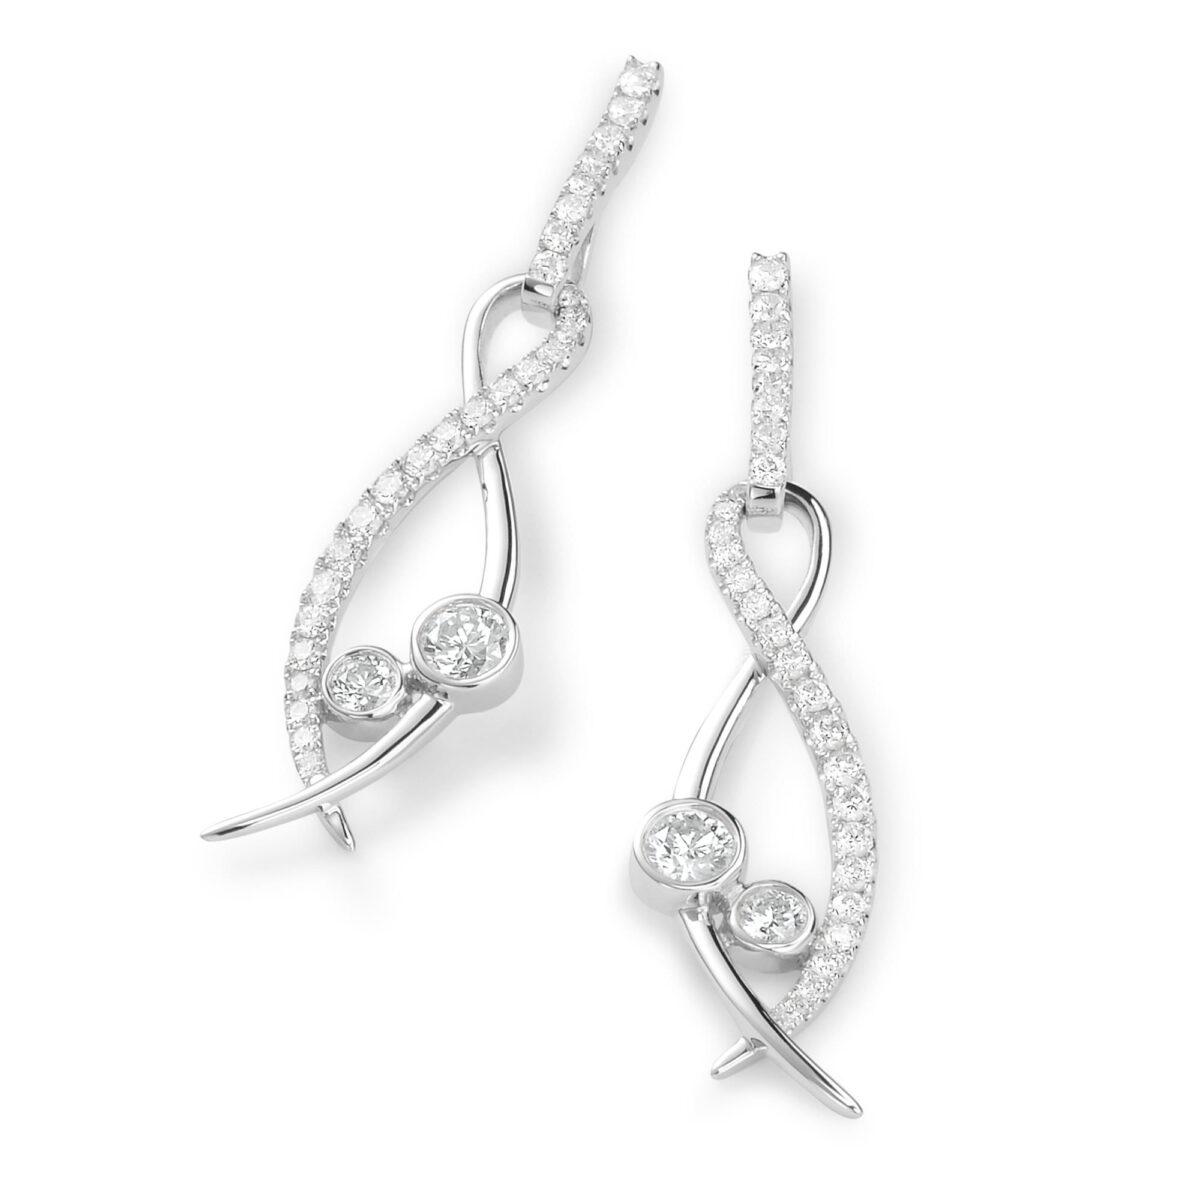 Lunar White Gold Diamond Earrings